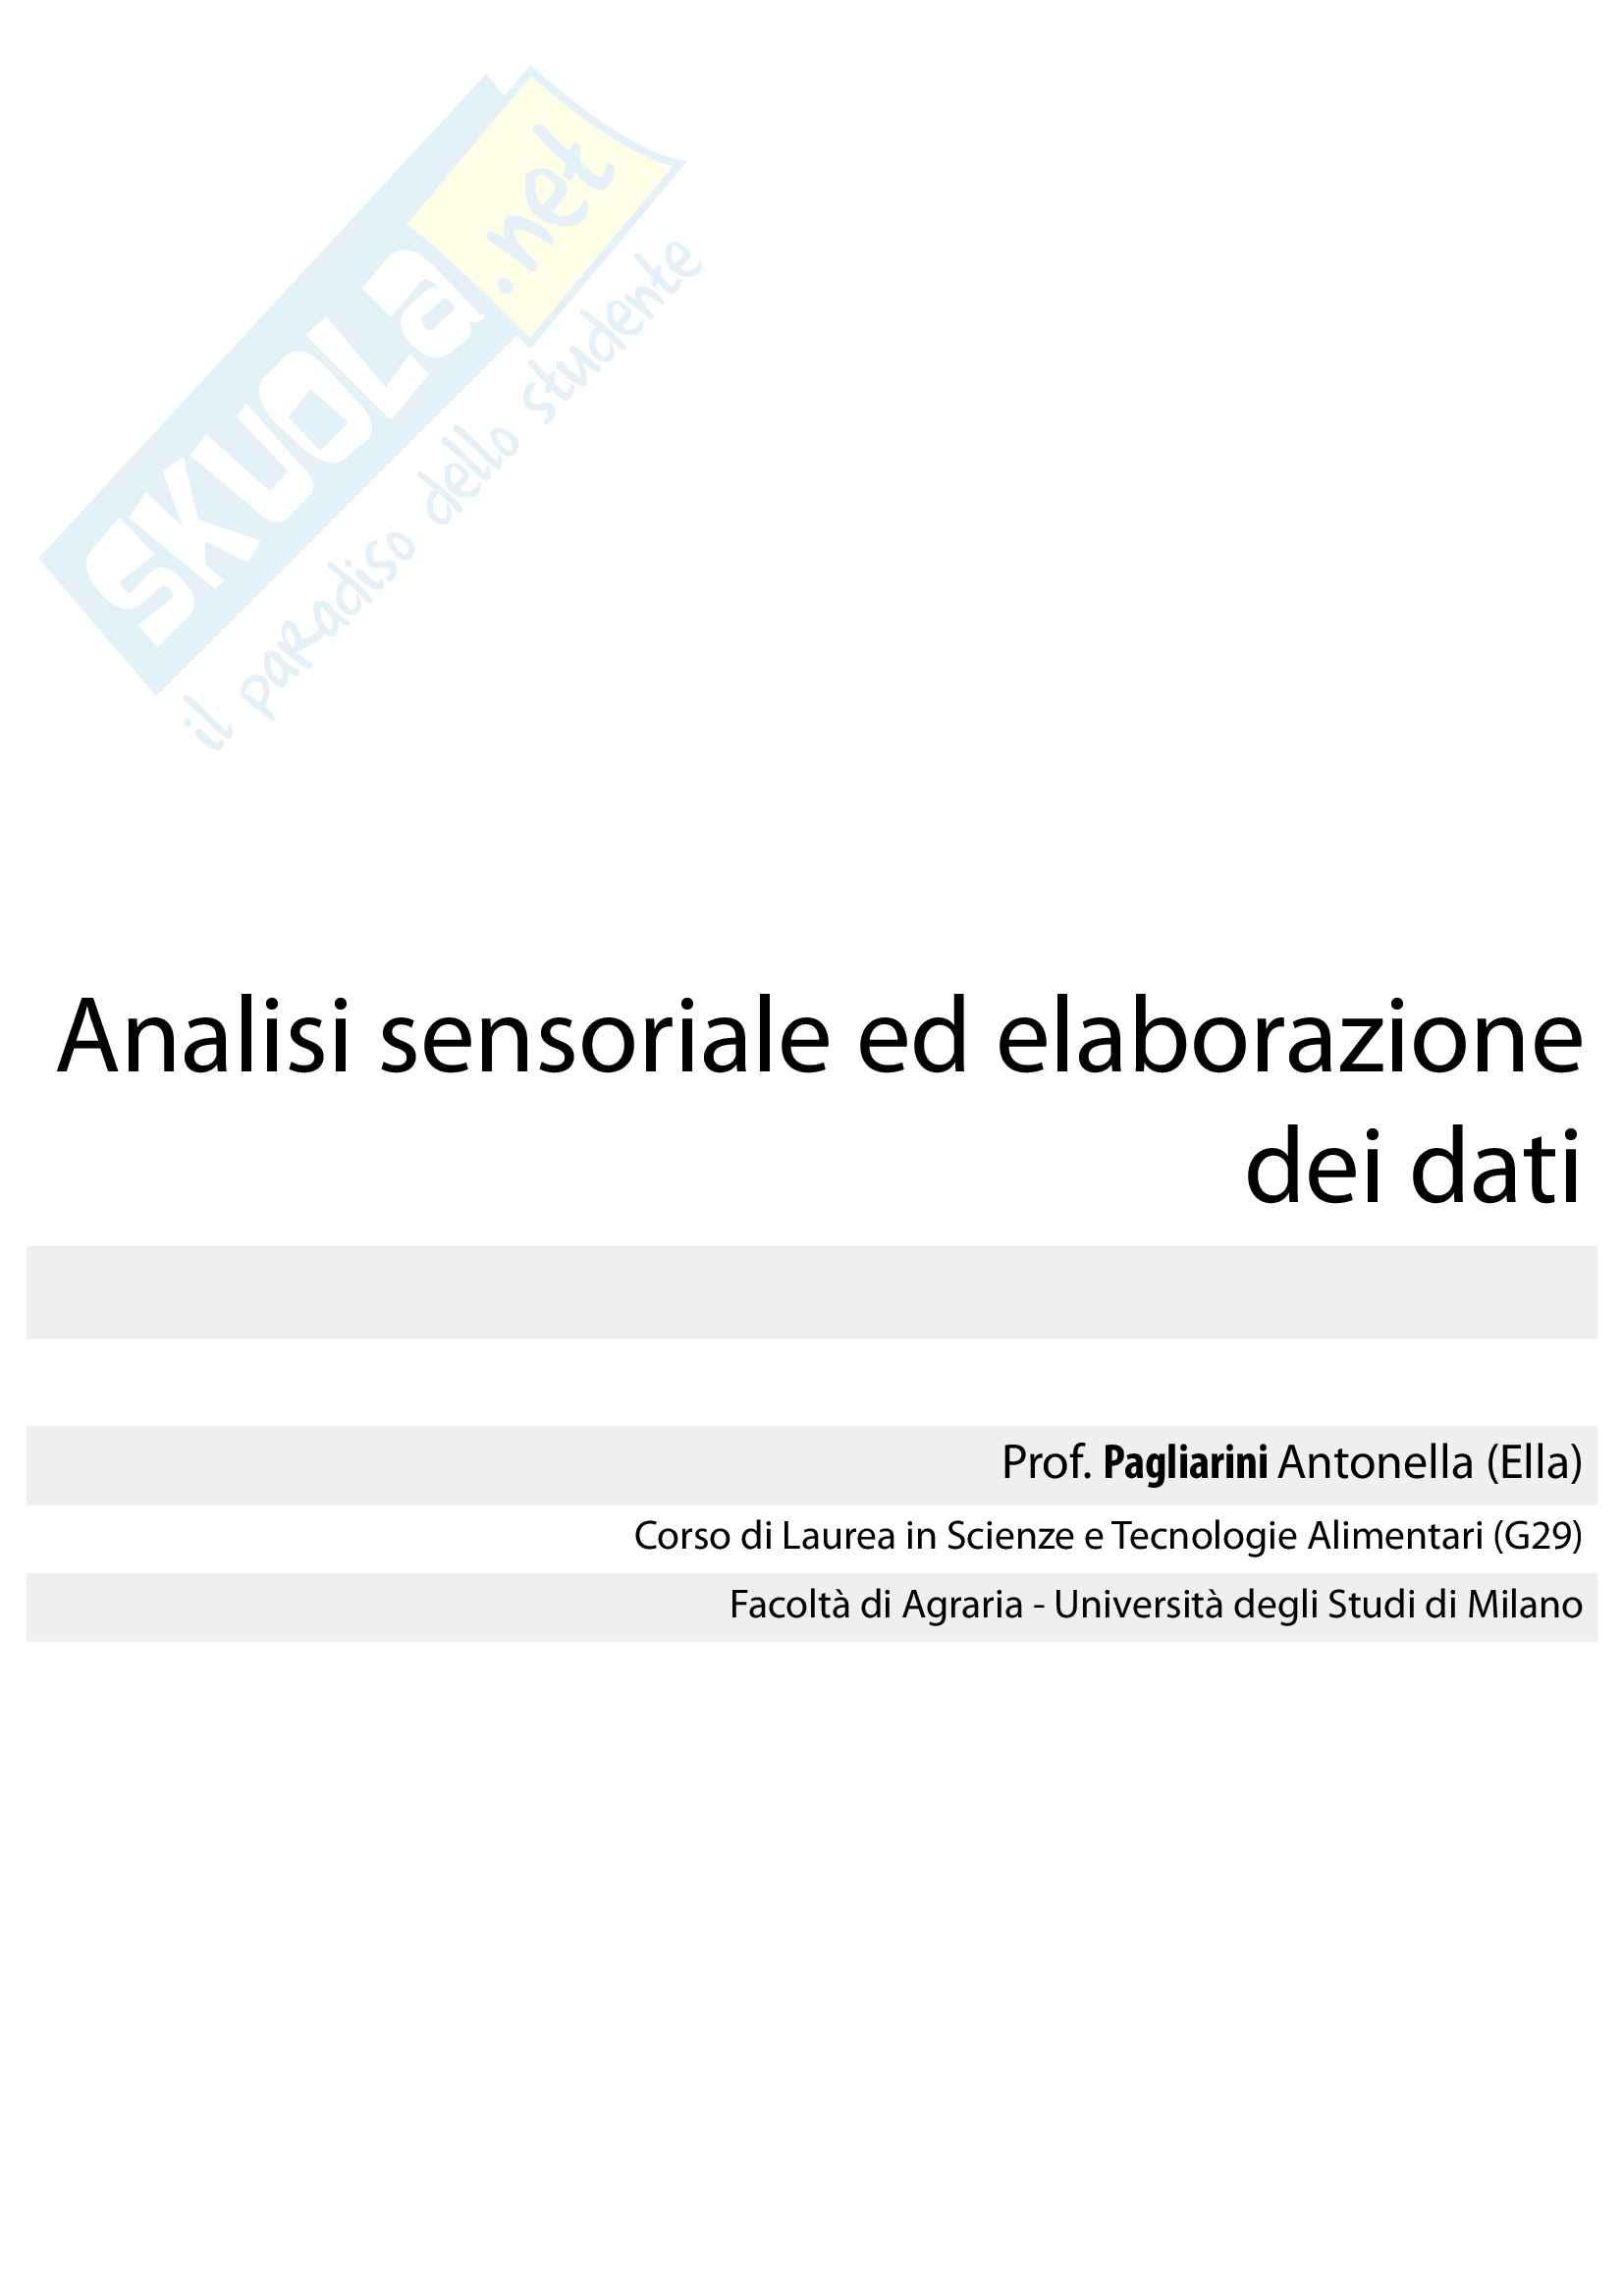 Analisi sensoriale ed elaborazione dati